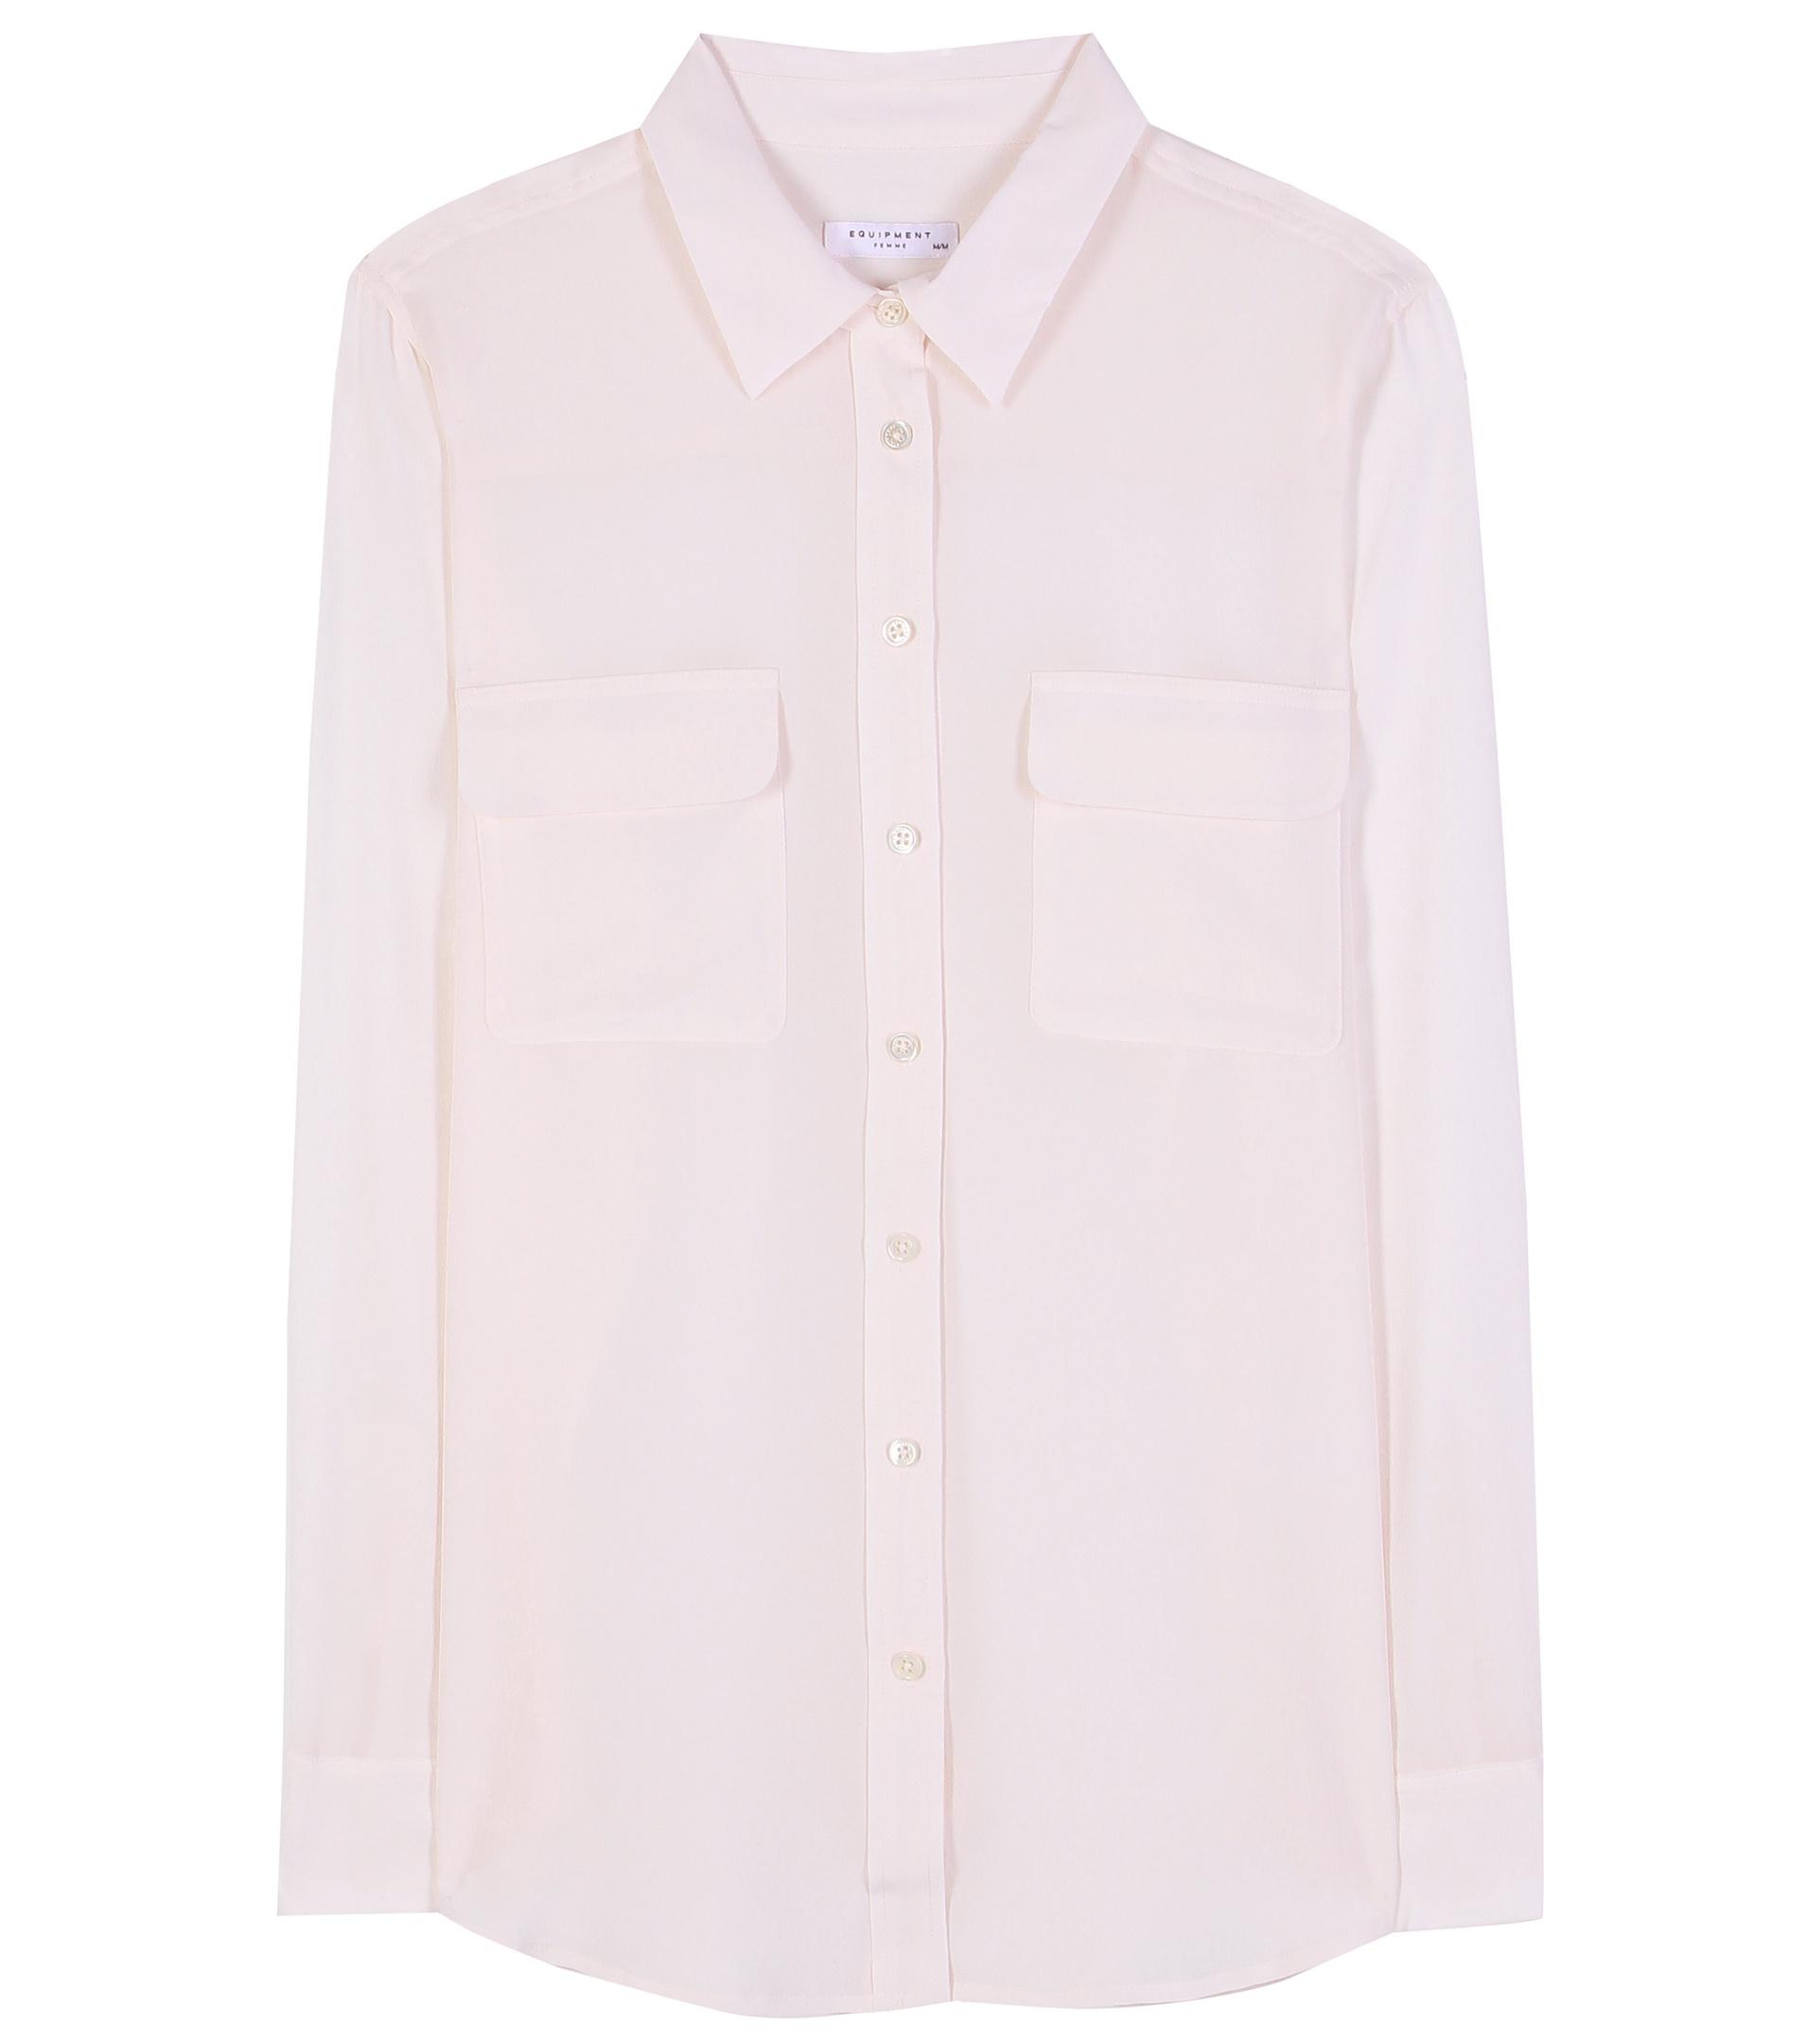 Equipment slim signature silk shirt in white lyst for Equipment signature silk shirt